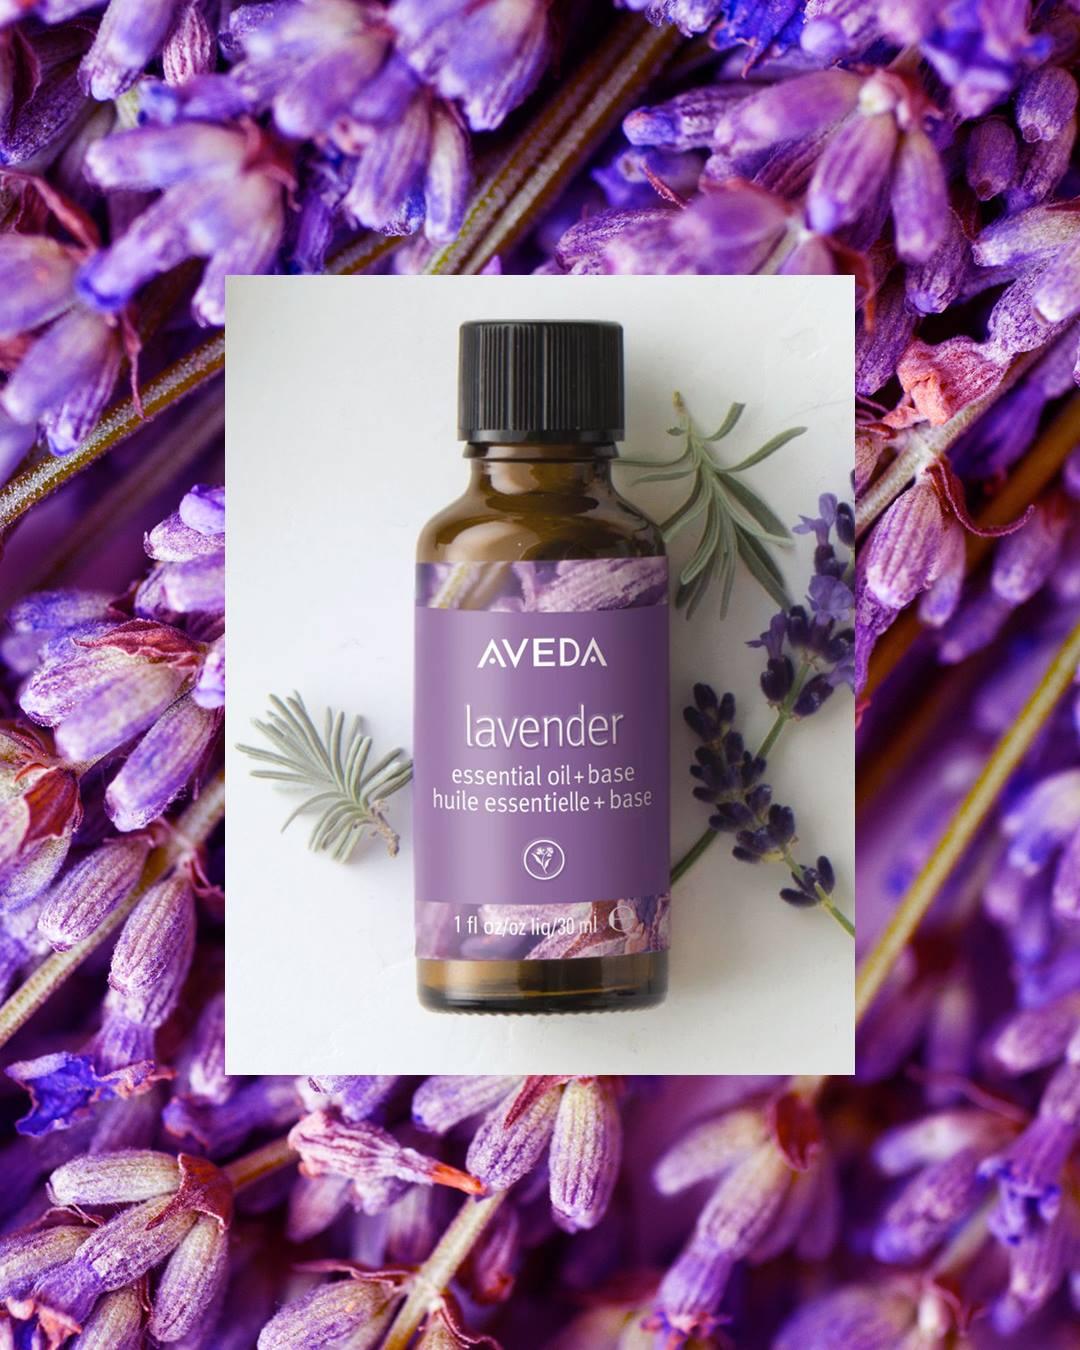 lavender aveda essential oil.jpg